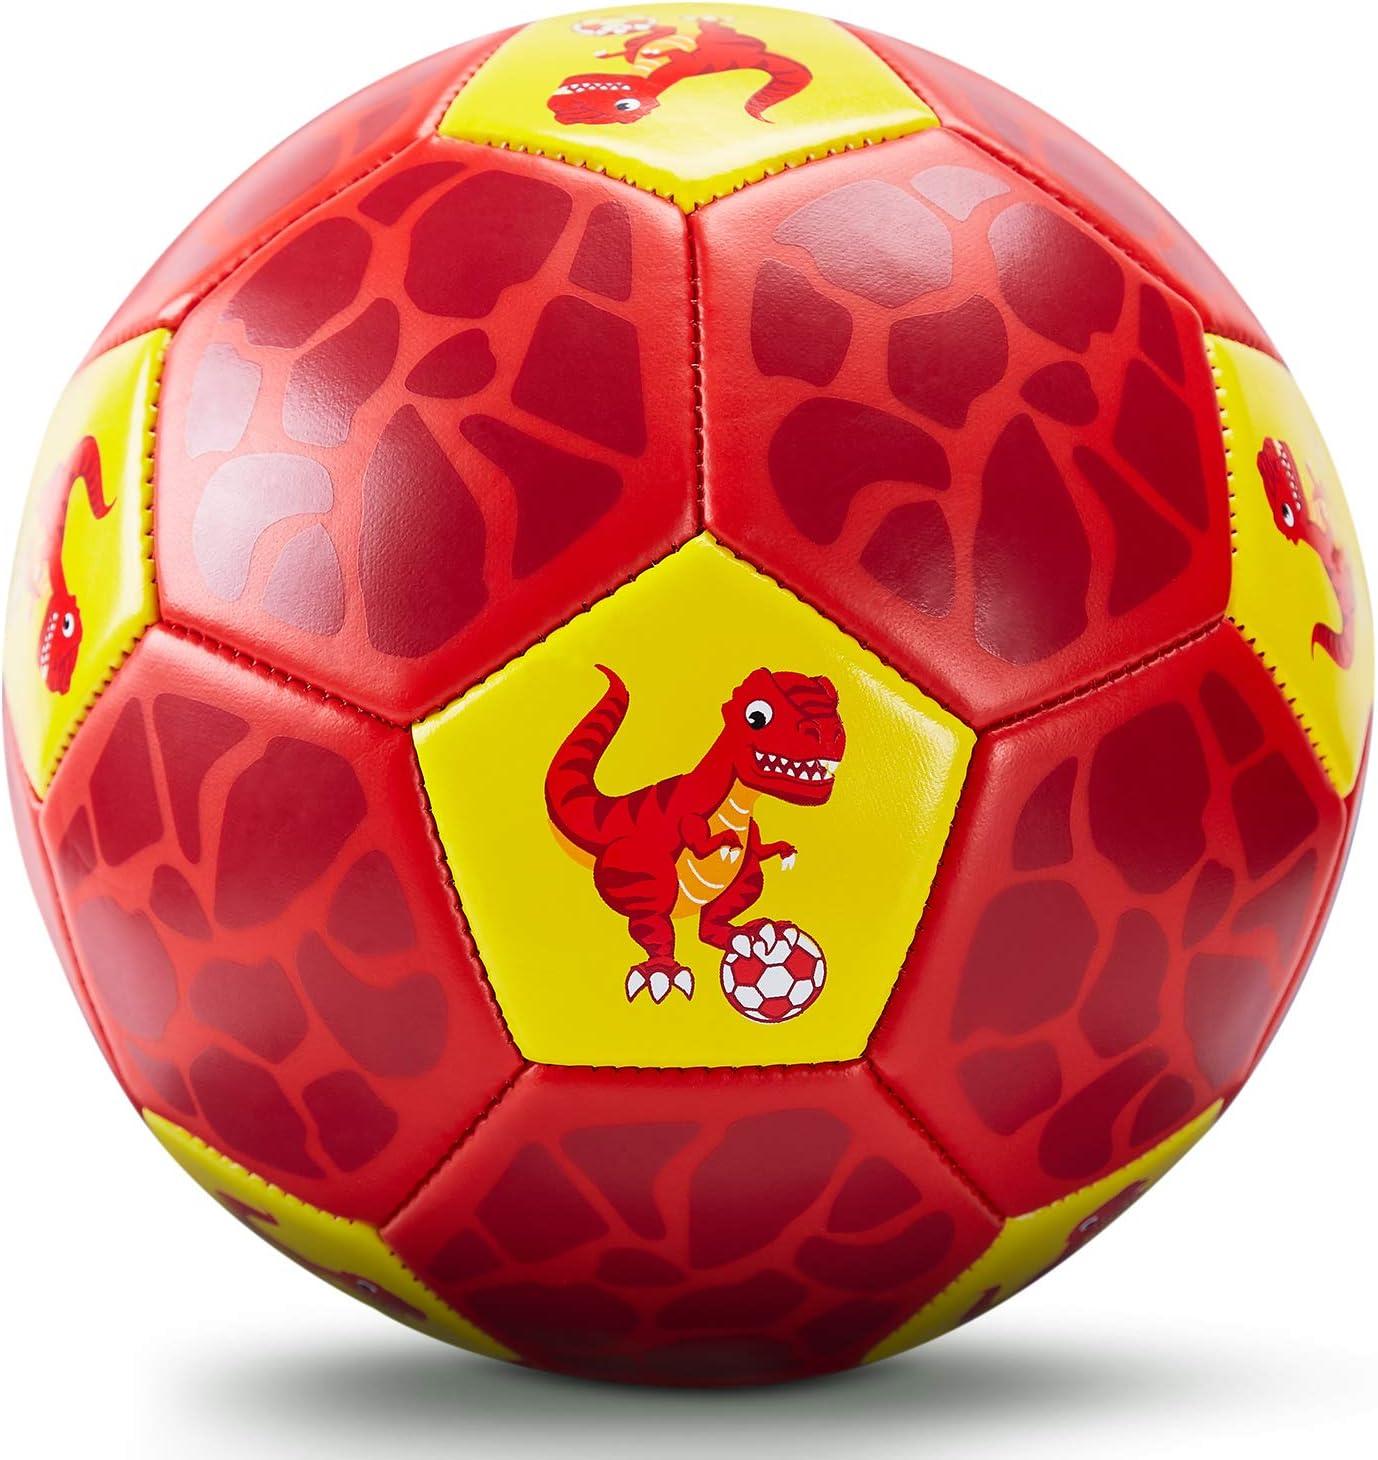 CubicFun Balon Futbol Niños Juguetes al Aire Libre para Niños 3 4 5 6 años, Dinosaurios Pelota Fútbol Talla 3 para Niños Niñas, Balón de Fútbol con Bomba y Bolsa de Malla